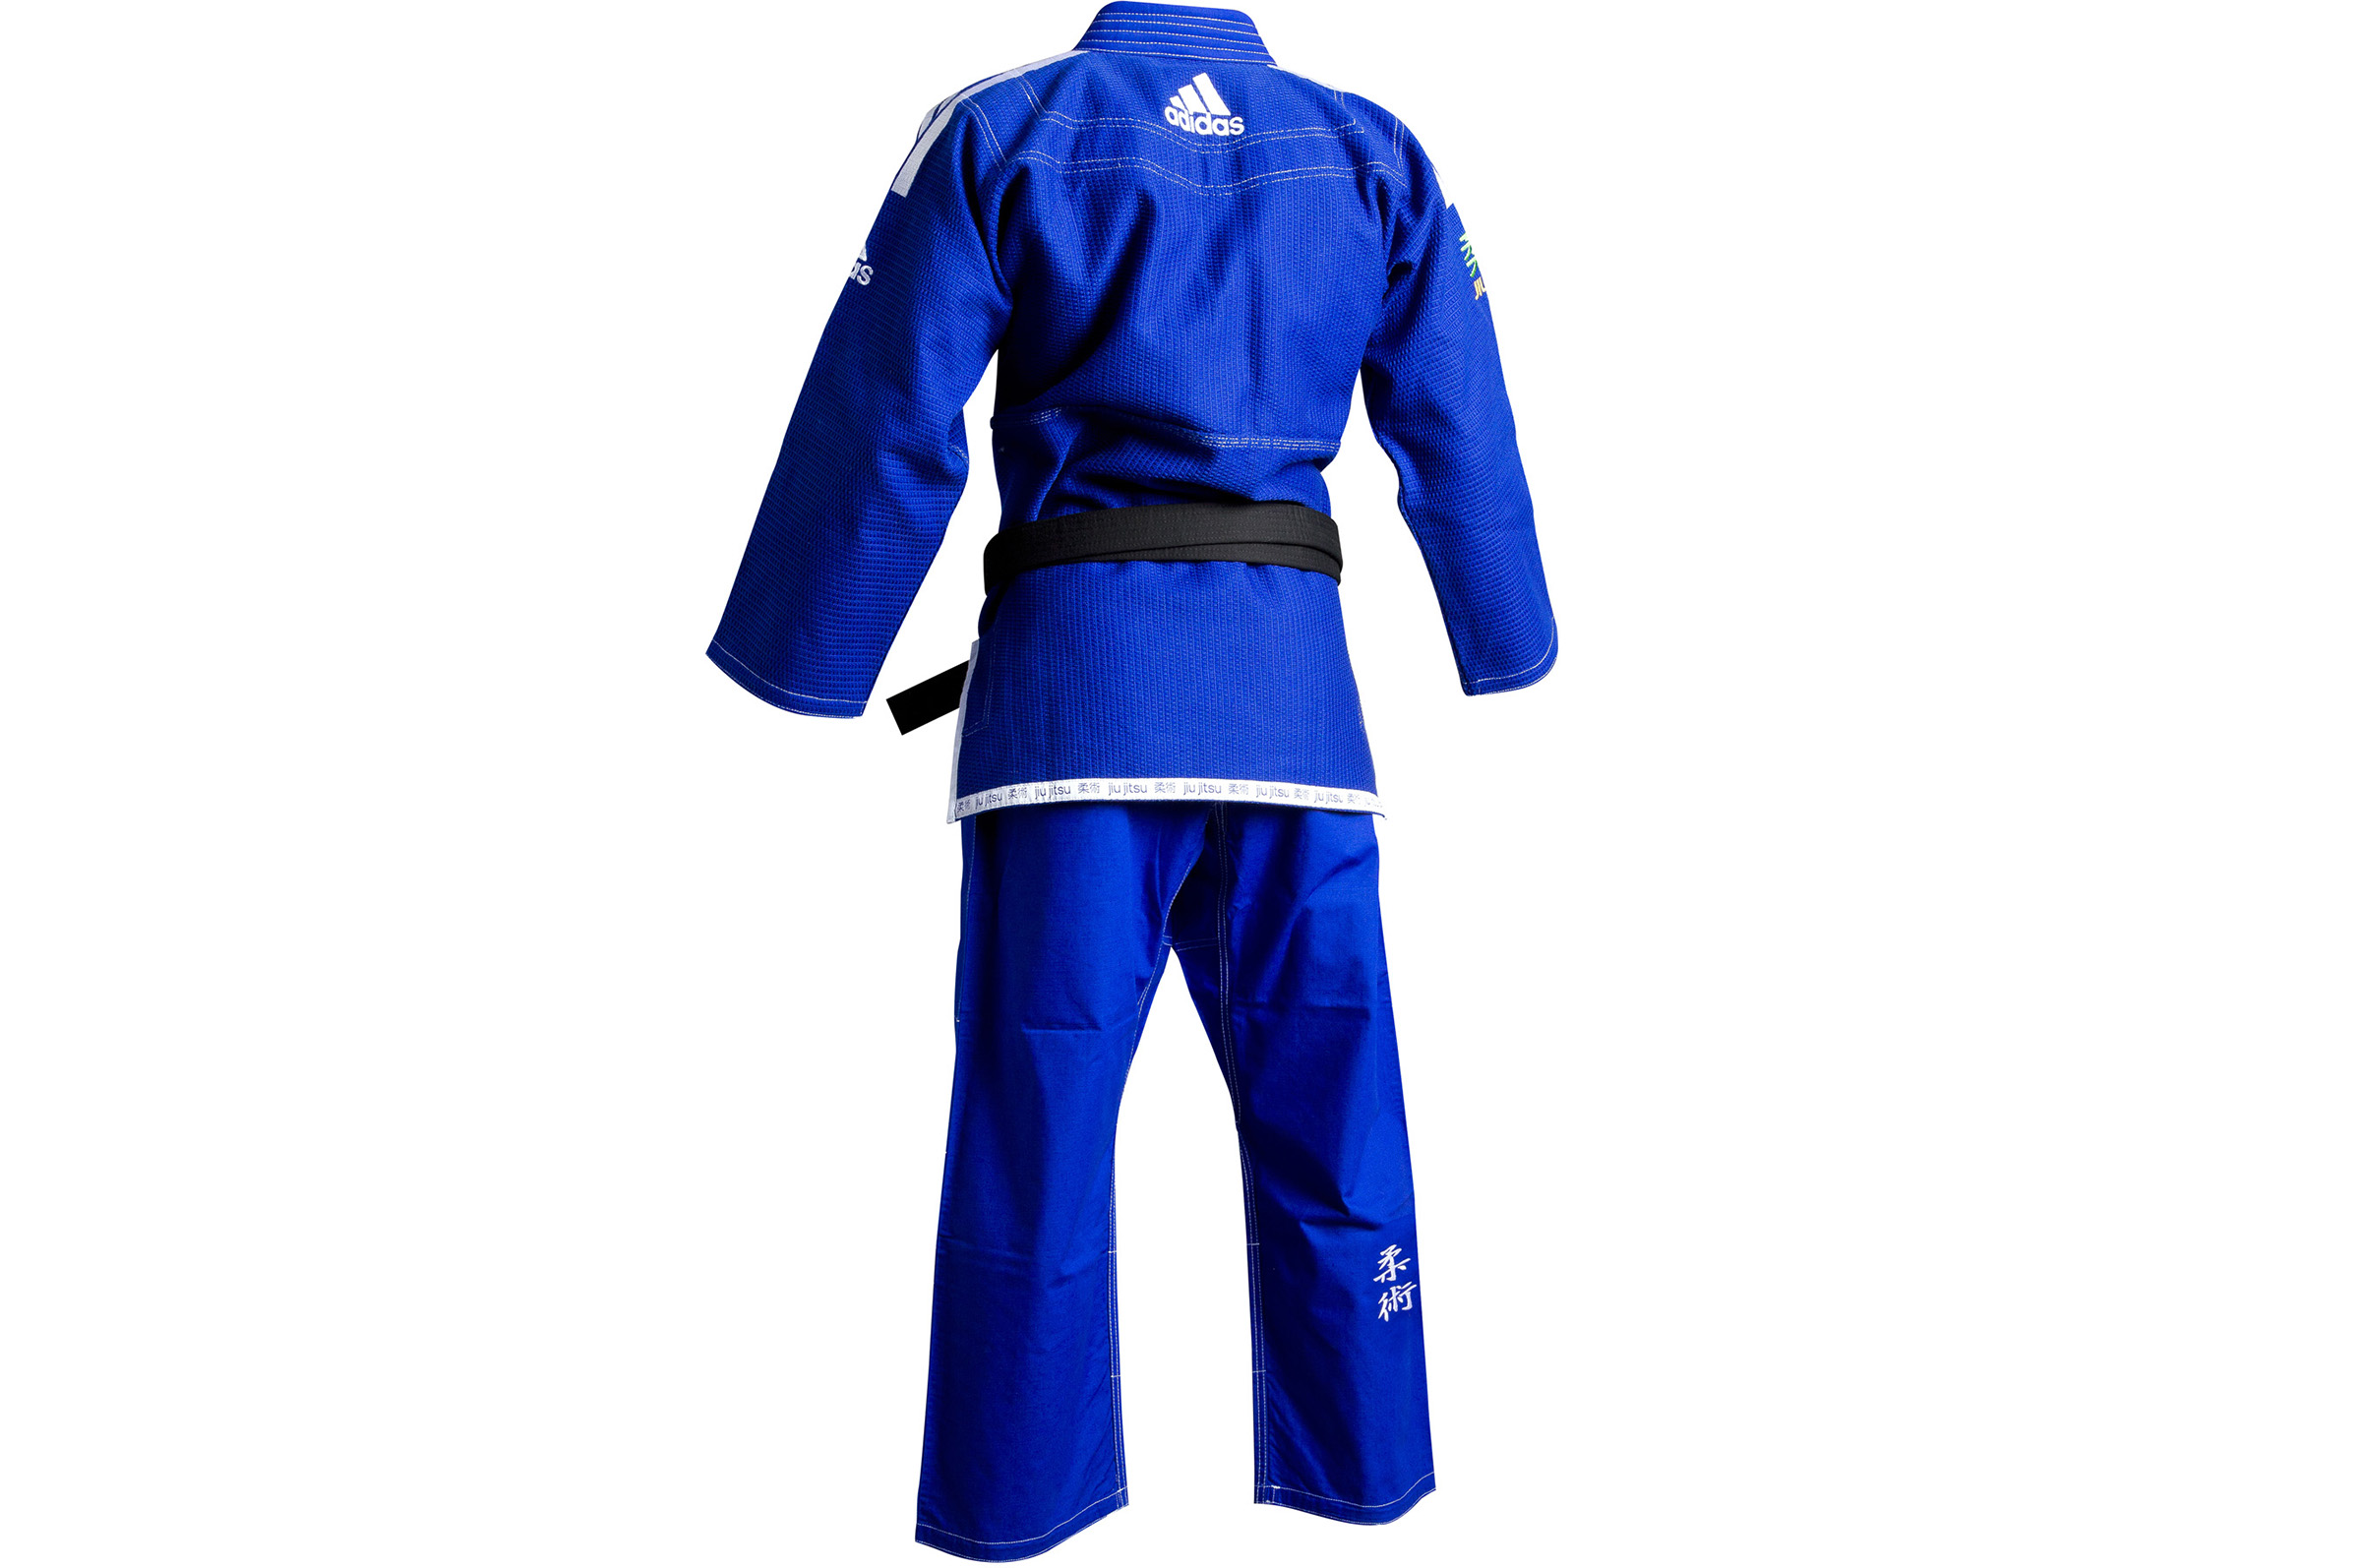 Dragonsports De Destock Jitsu eu Kimono Adidas Jiu Jj450 FCFUqwY